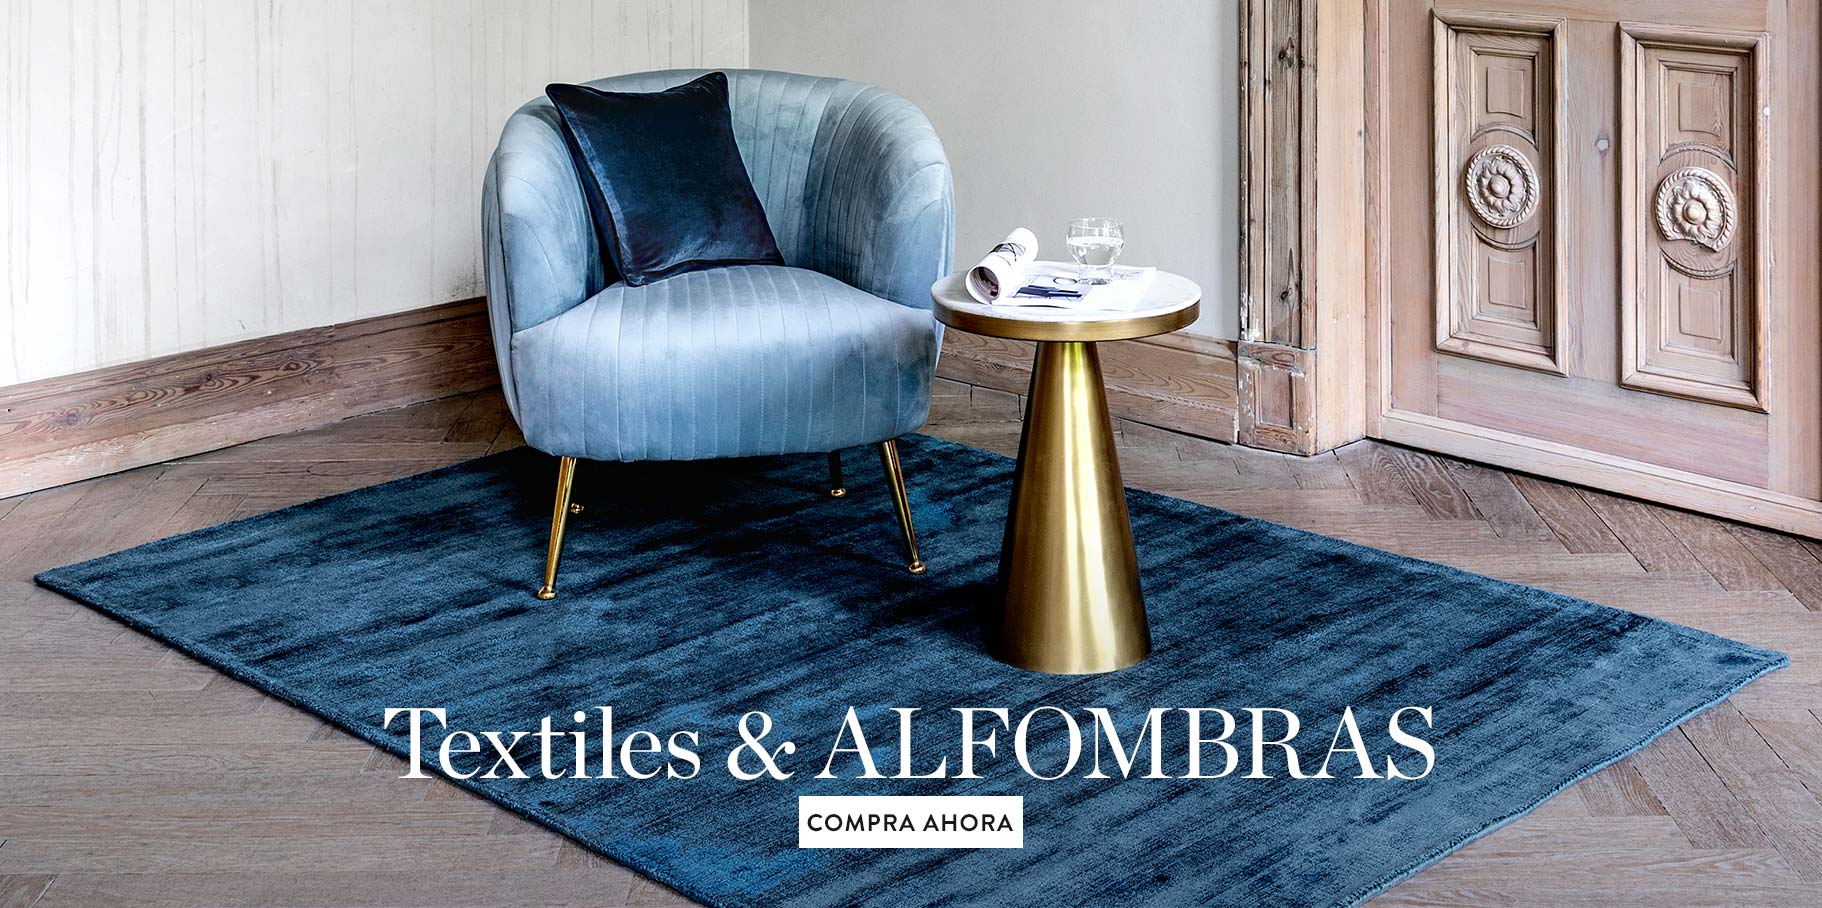 textiles_y_alfombras